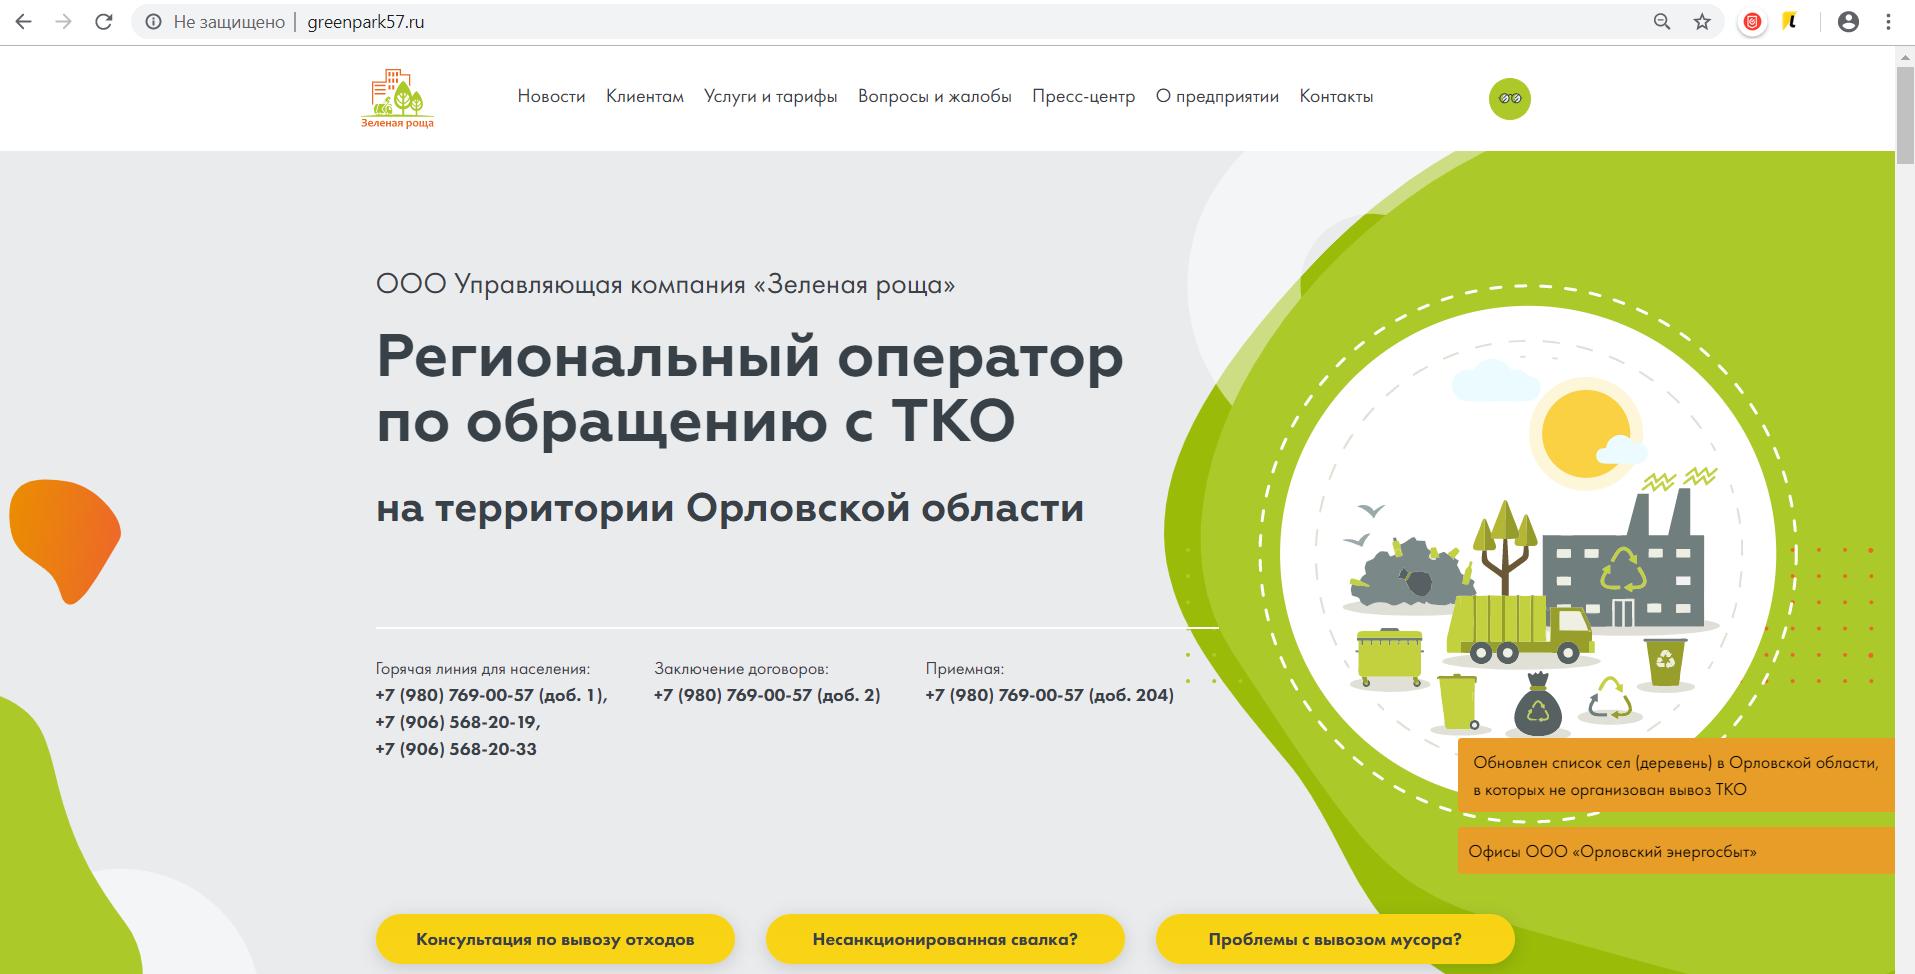 Региональный оператор по ТКО в Орловской области